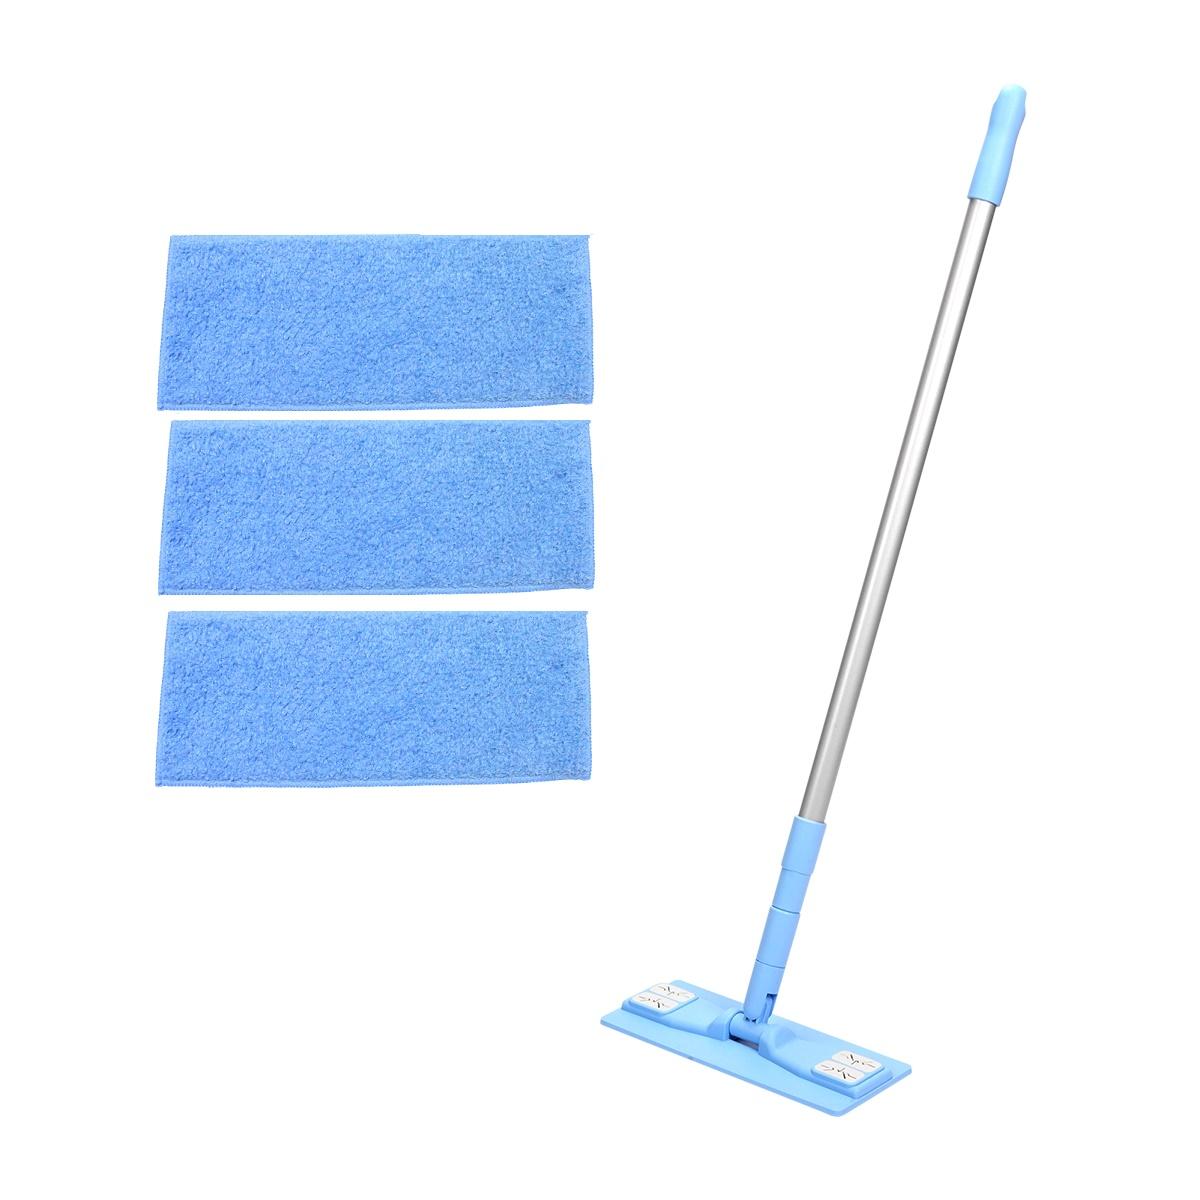 에이클린 밀대 청소기 스카이 소형 25cm + 분섬사 패드 블루 3p 세트, 1세트